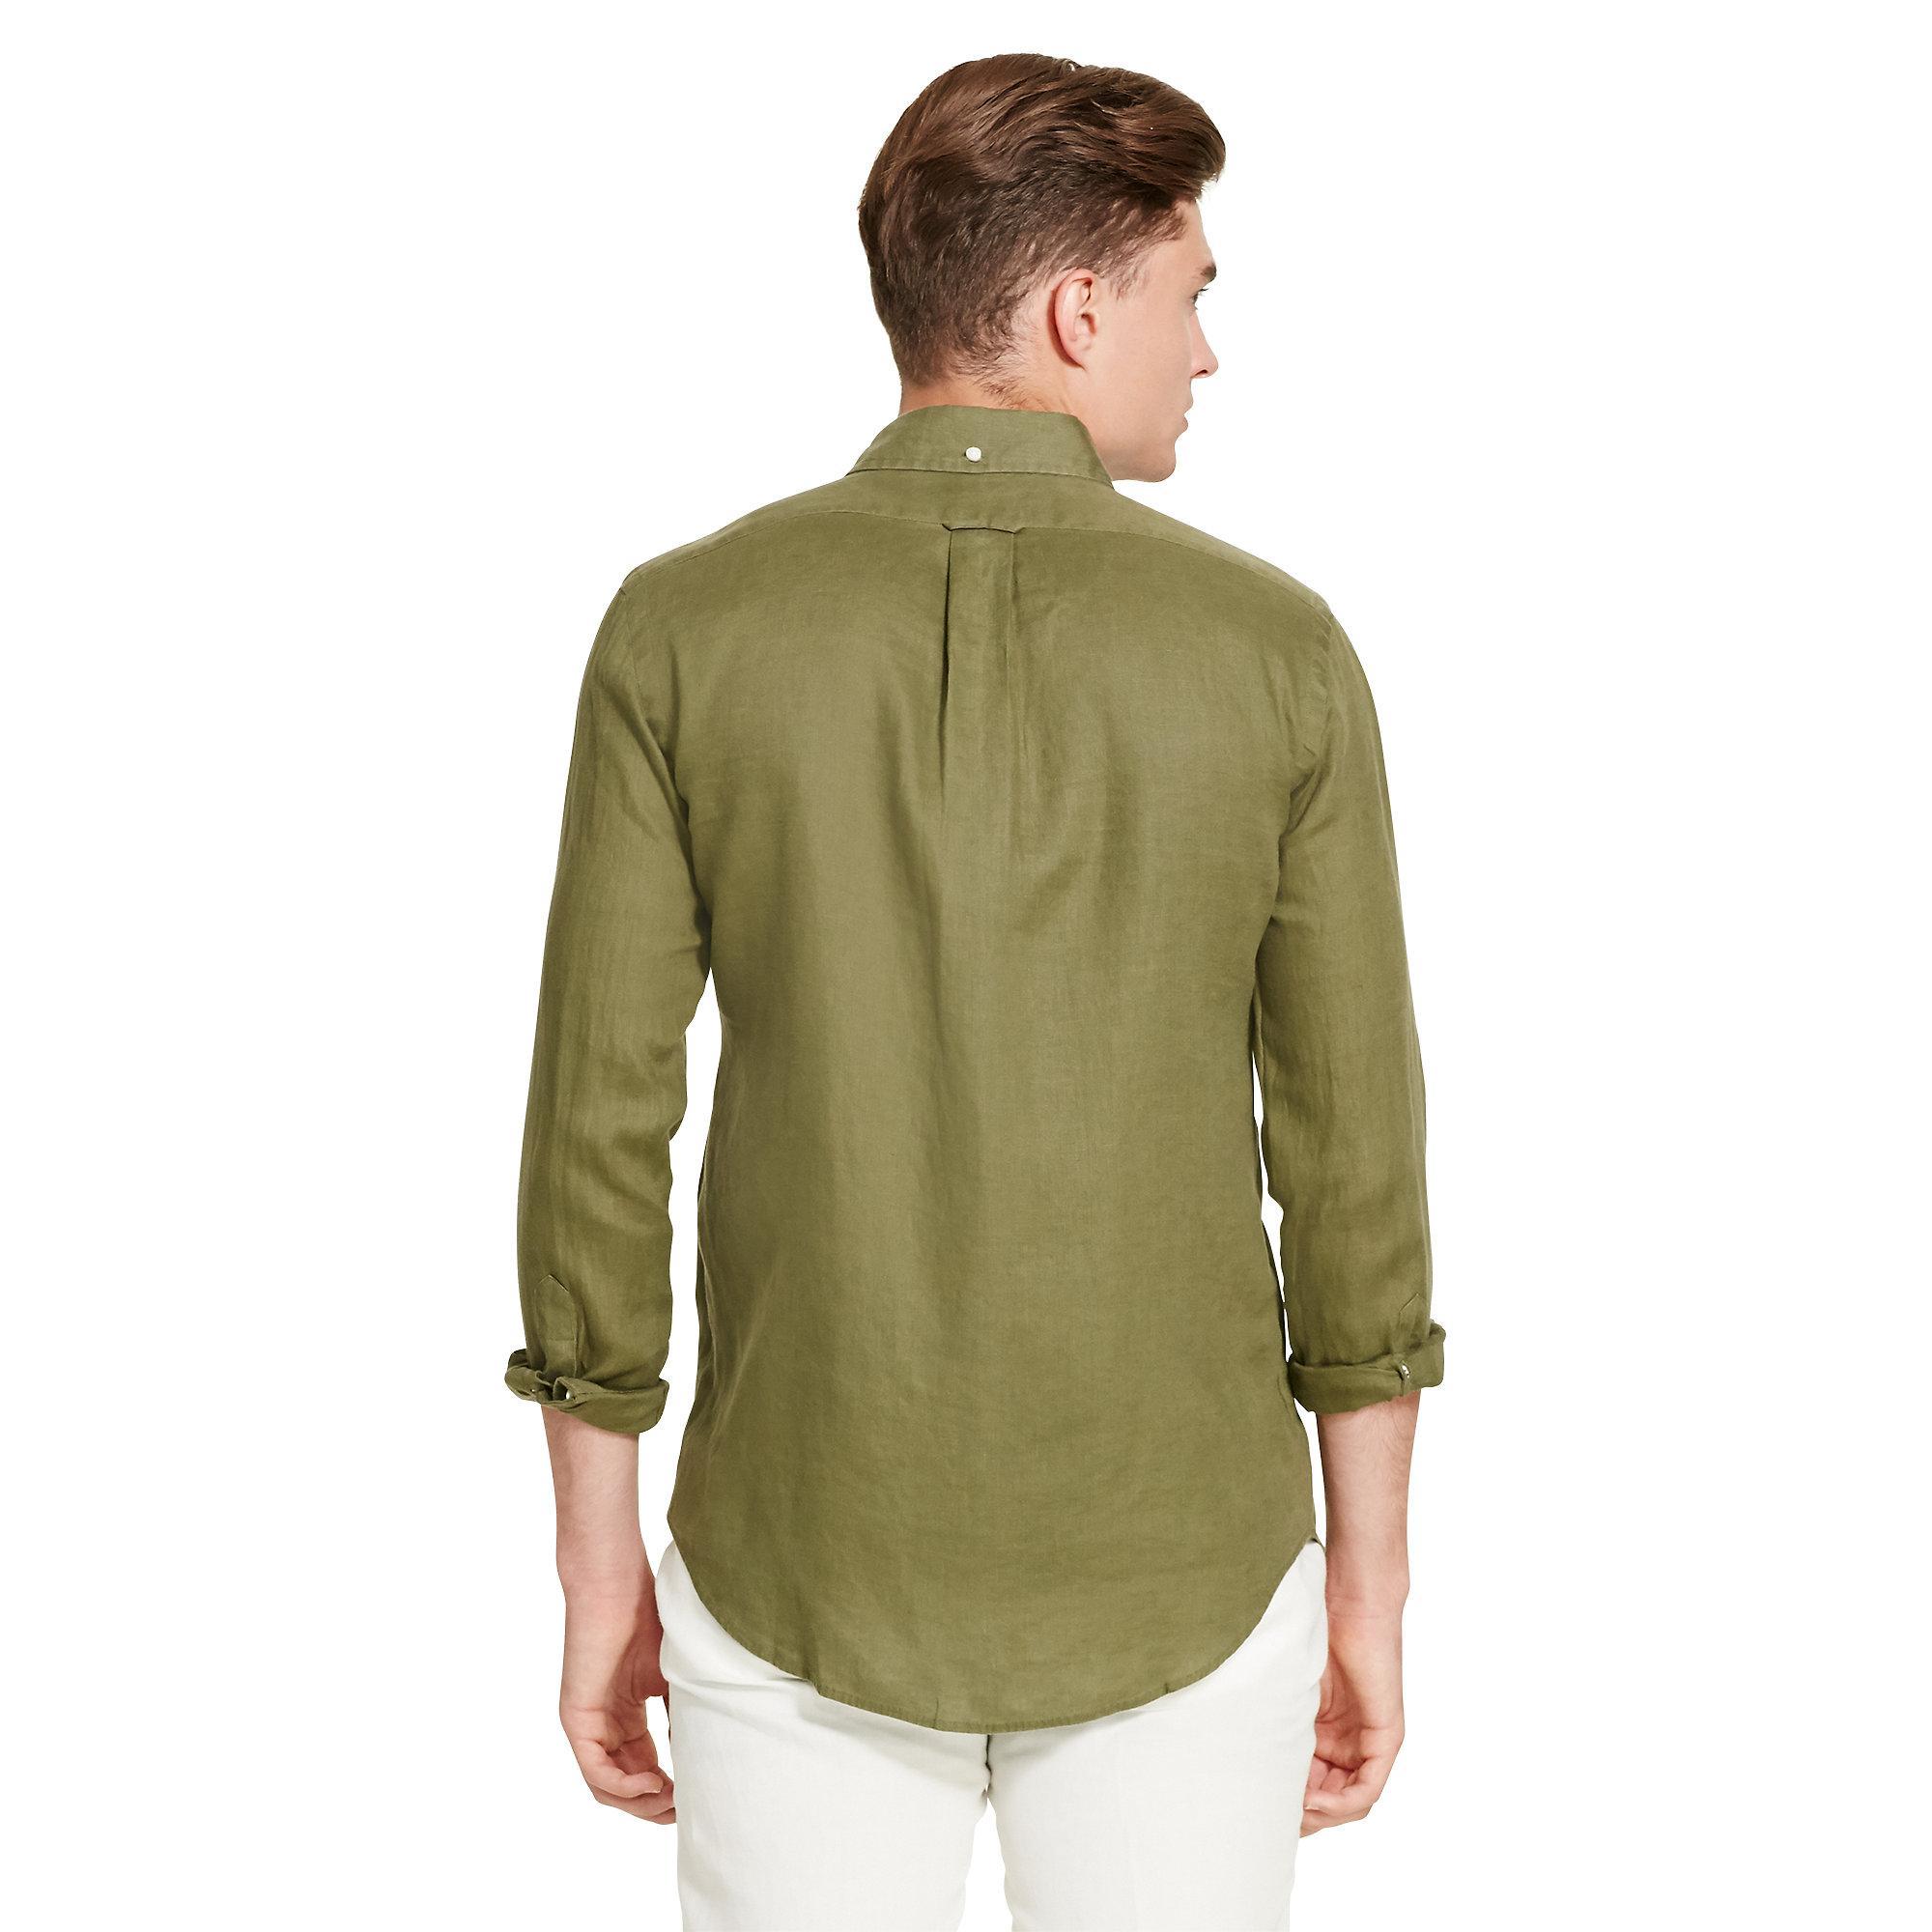 850d037e147e uk closeout lyst polo ralph lauren linen utility shirt in green for men  e5190 50a46 02eb9